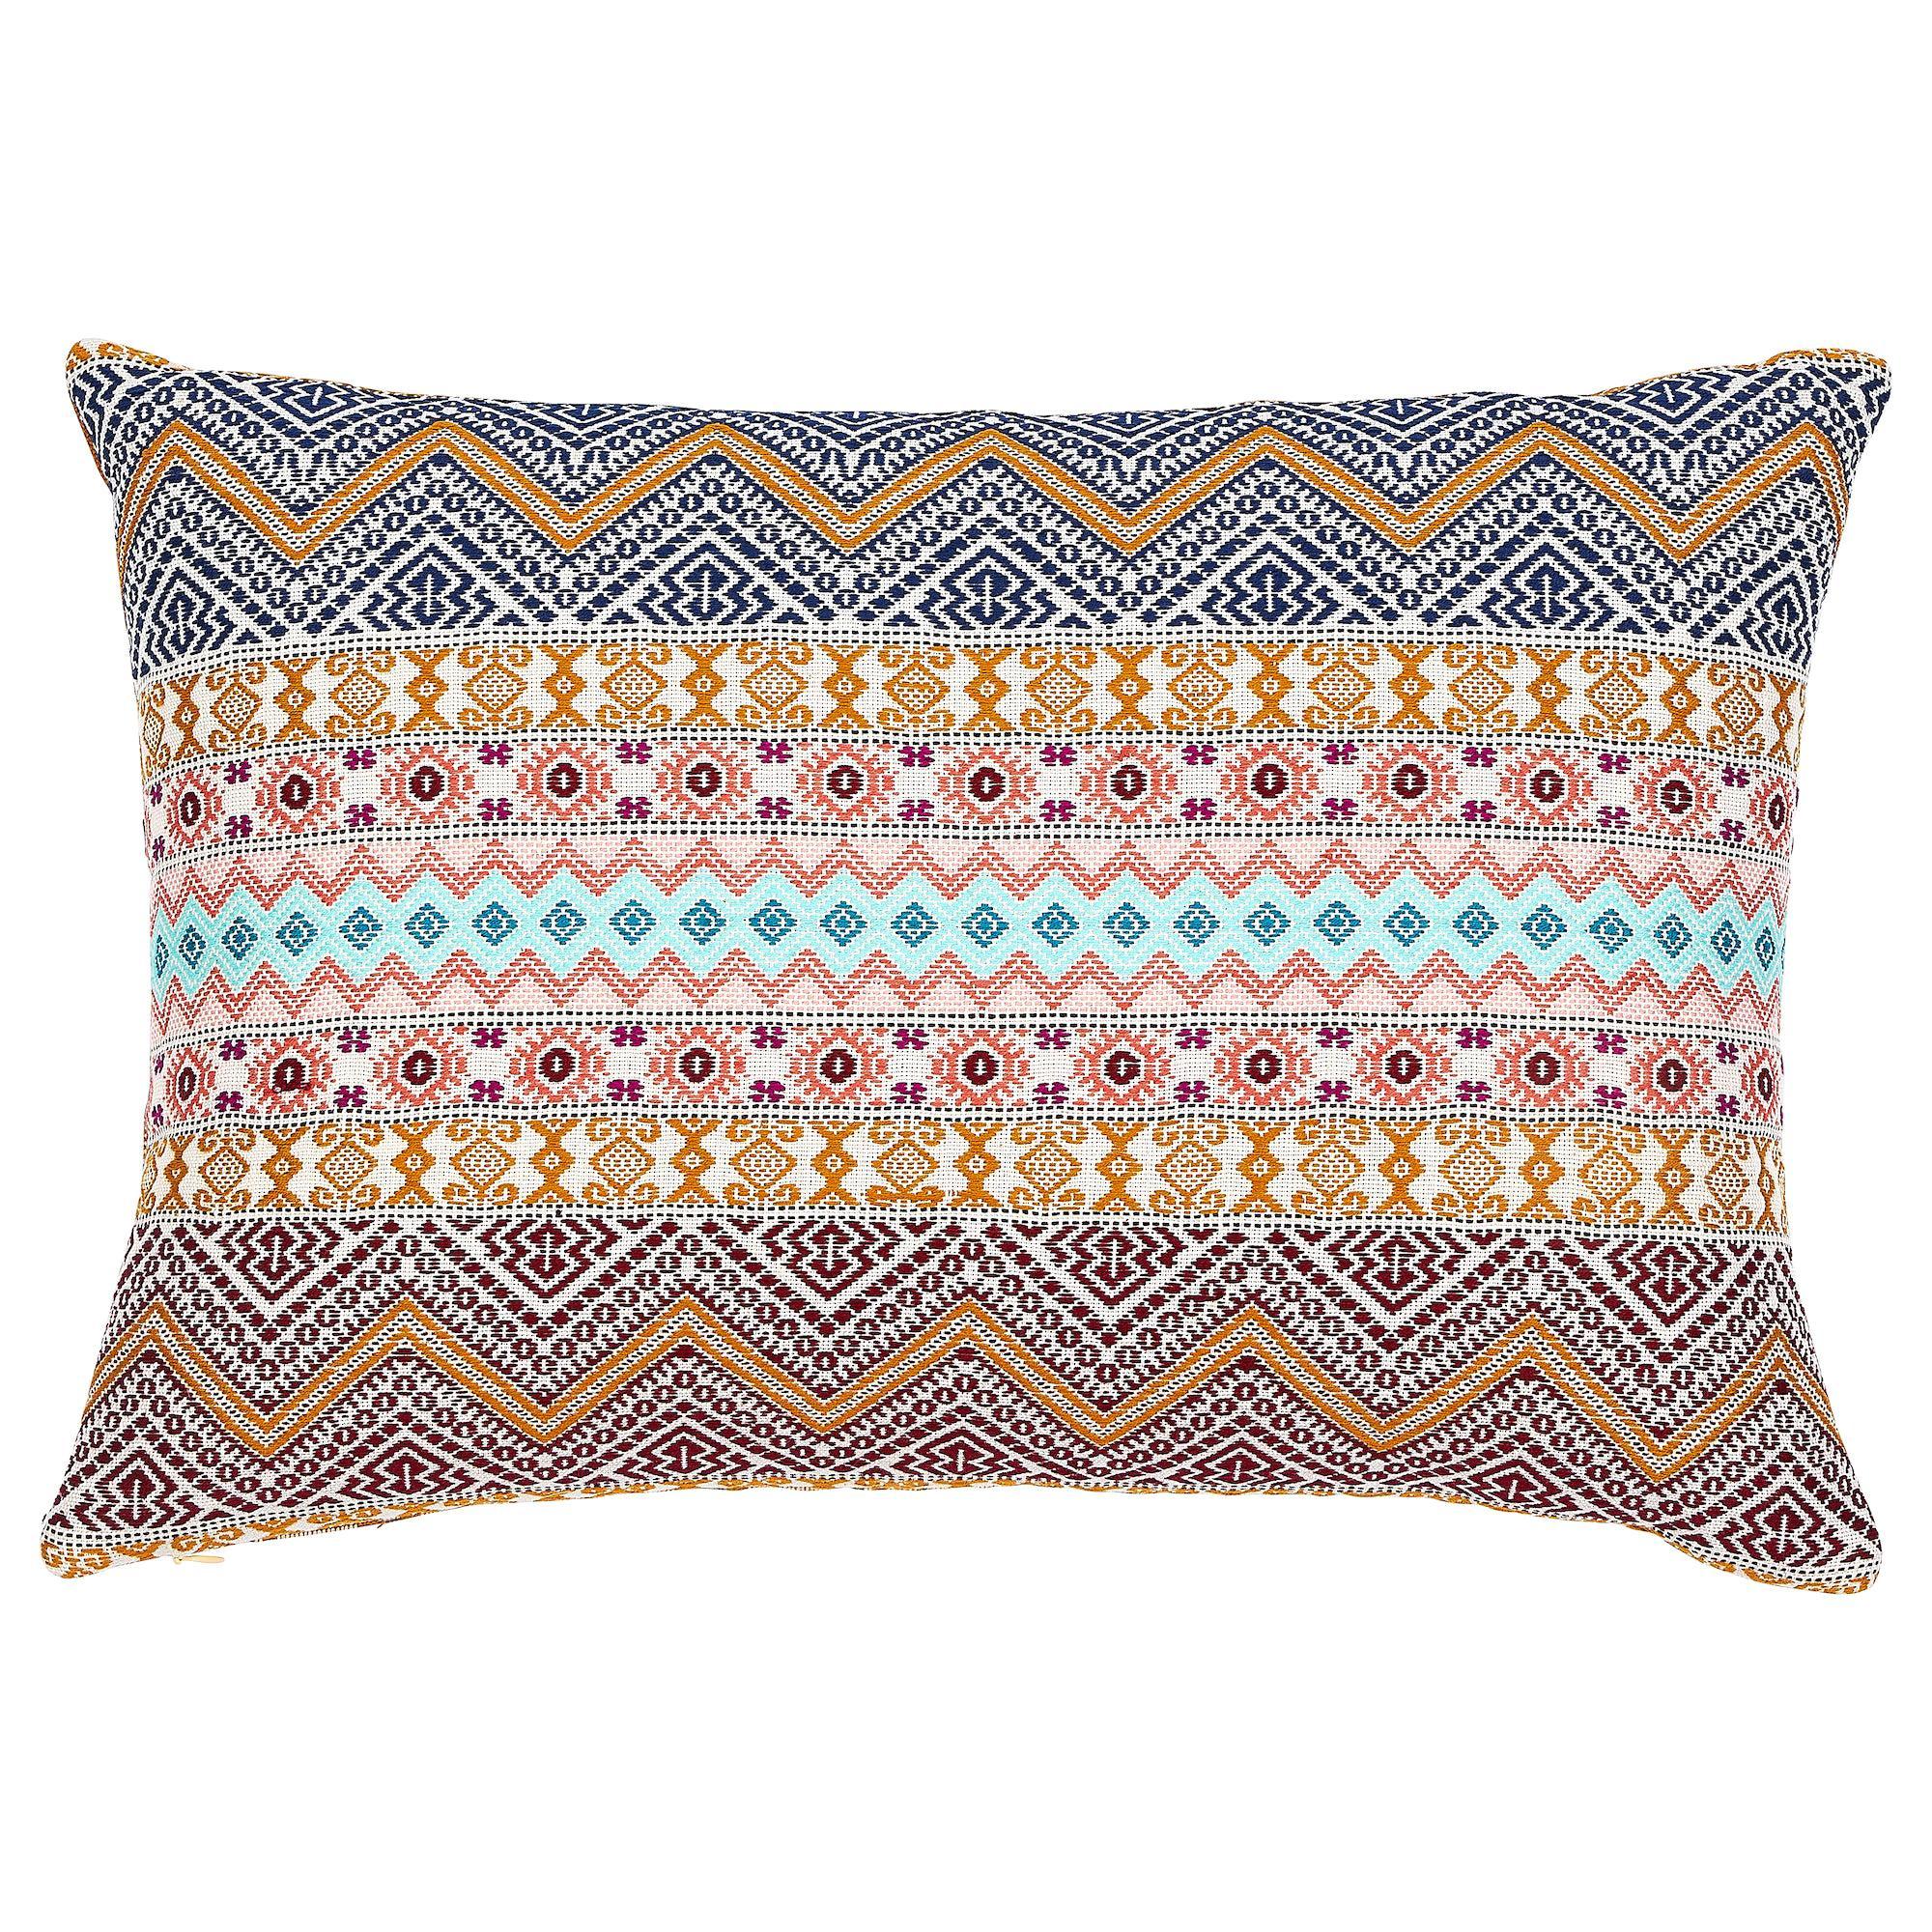 Schumacher Holmul & Panan Stripe Pillow in Autumn